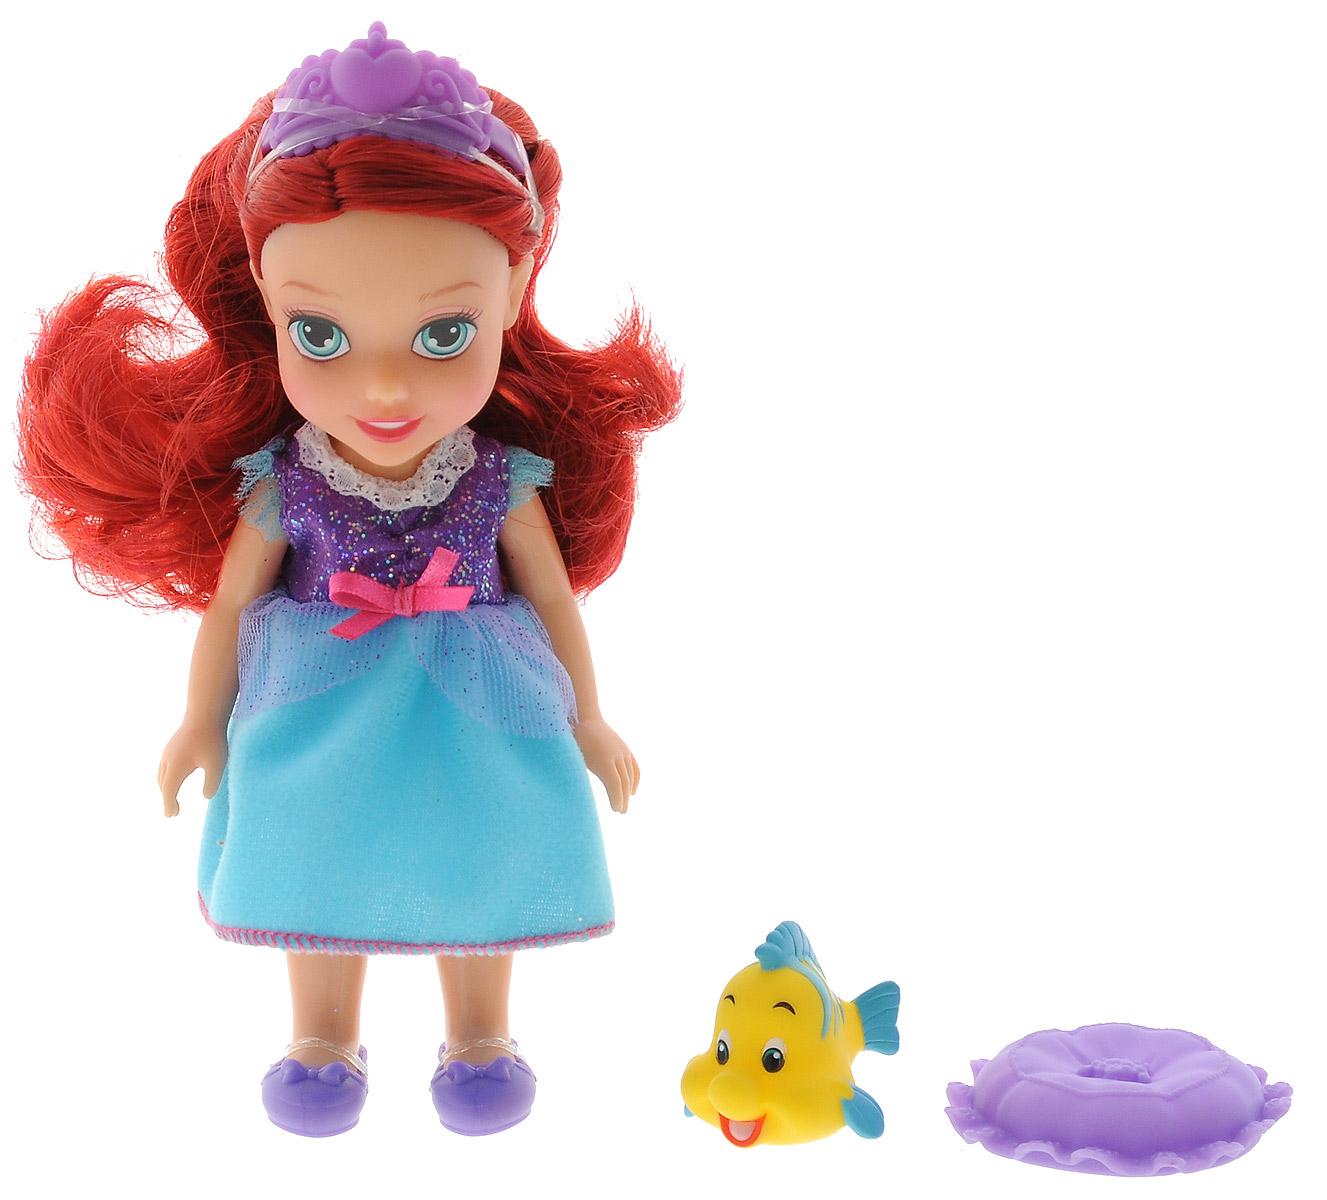 Disney Princess Мини-кукла Petite Ariel Flounder754910Игровой набор Disney Fairies Petite Ariel & Flounder придется по душе вашей маленькой принцессе. Набор состоит из куколки в виде малышки Ариэль, фигурки в виде ее друга рыбки Флаундера, спальной маски и подушки. Ваша малышка с удовольствием будет играть с набором, придумывая различные истории и проигрывая сюжеты из мультфильма.